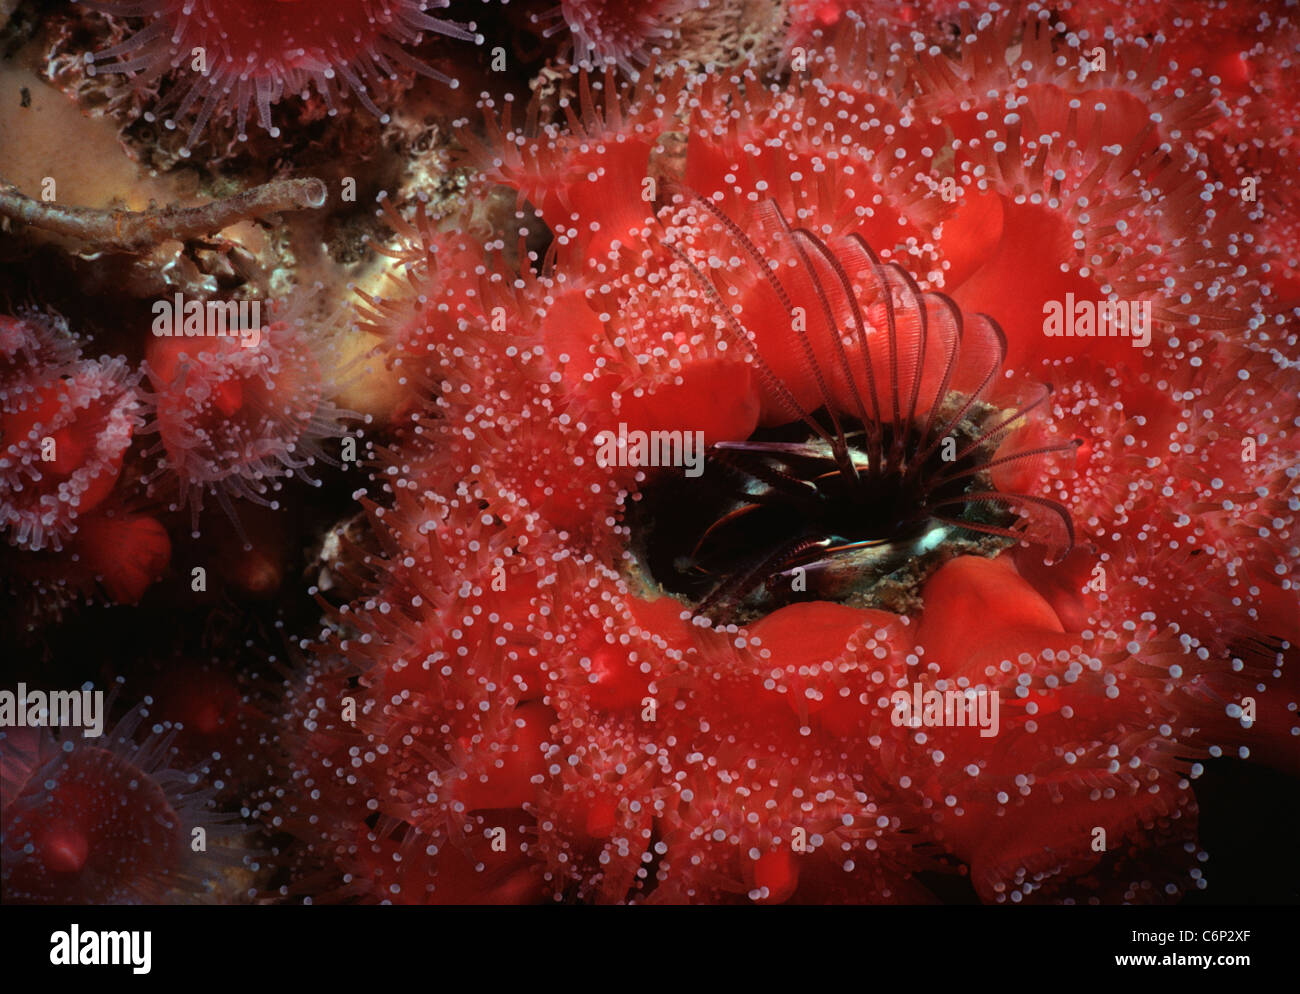 Percebe (bellota gigante Balanus nubilis) y Club de punta anémona de alimentación del filtro. California, EE.UU., el Océano Pacífico Foto de stock